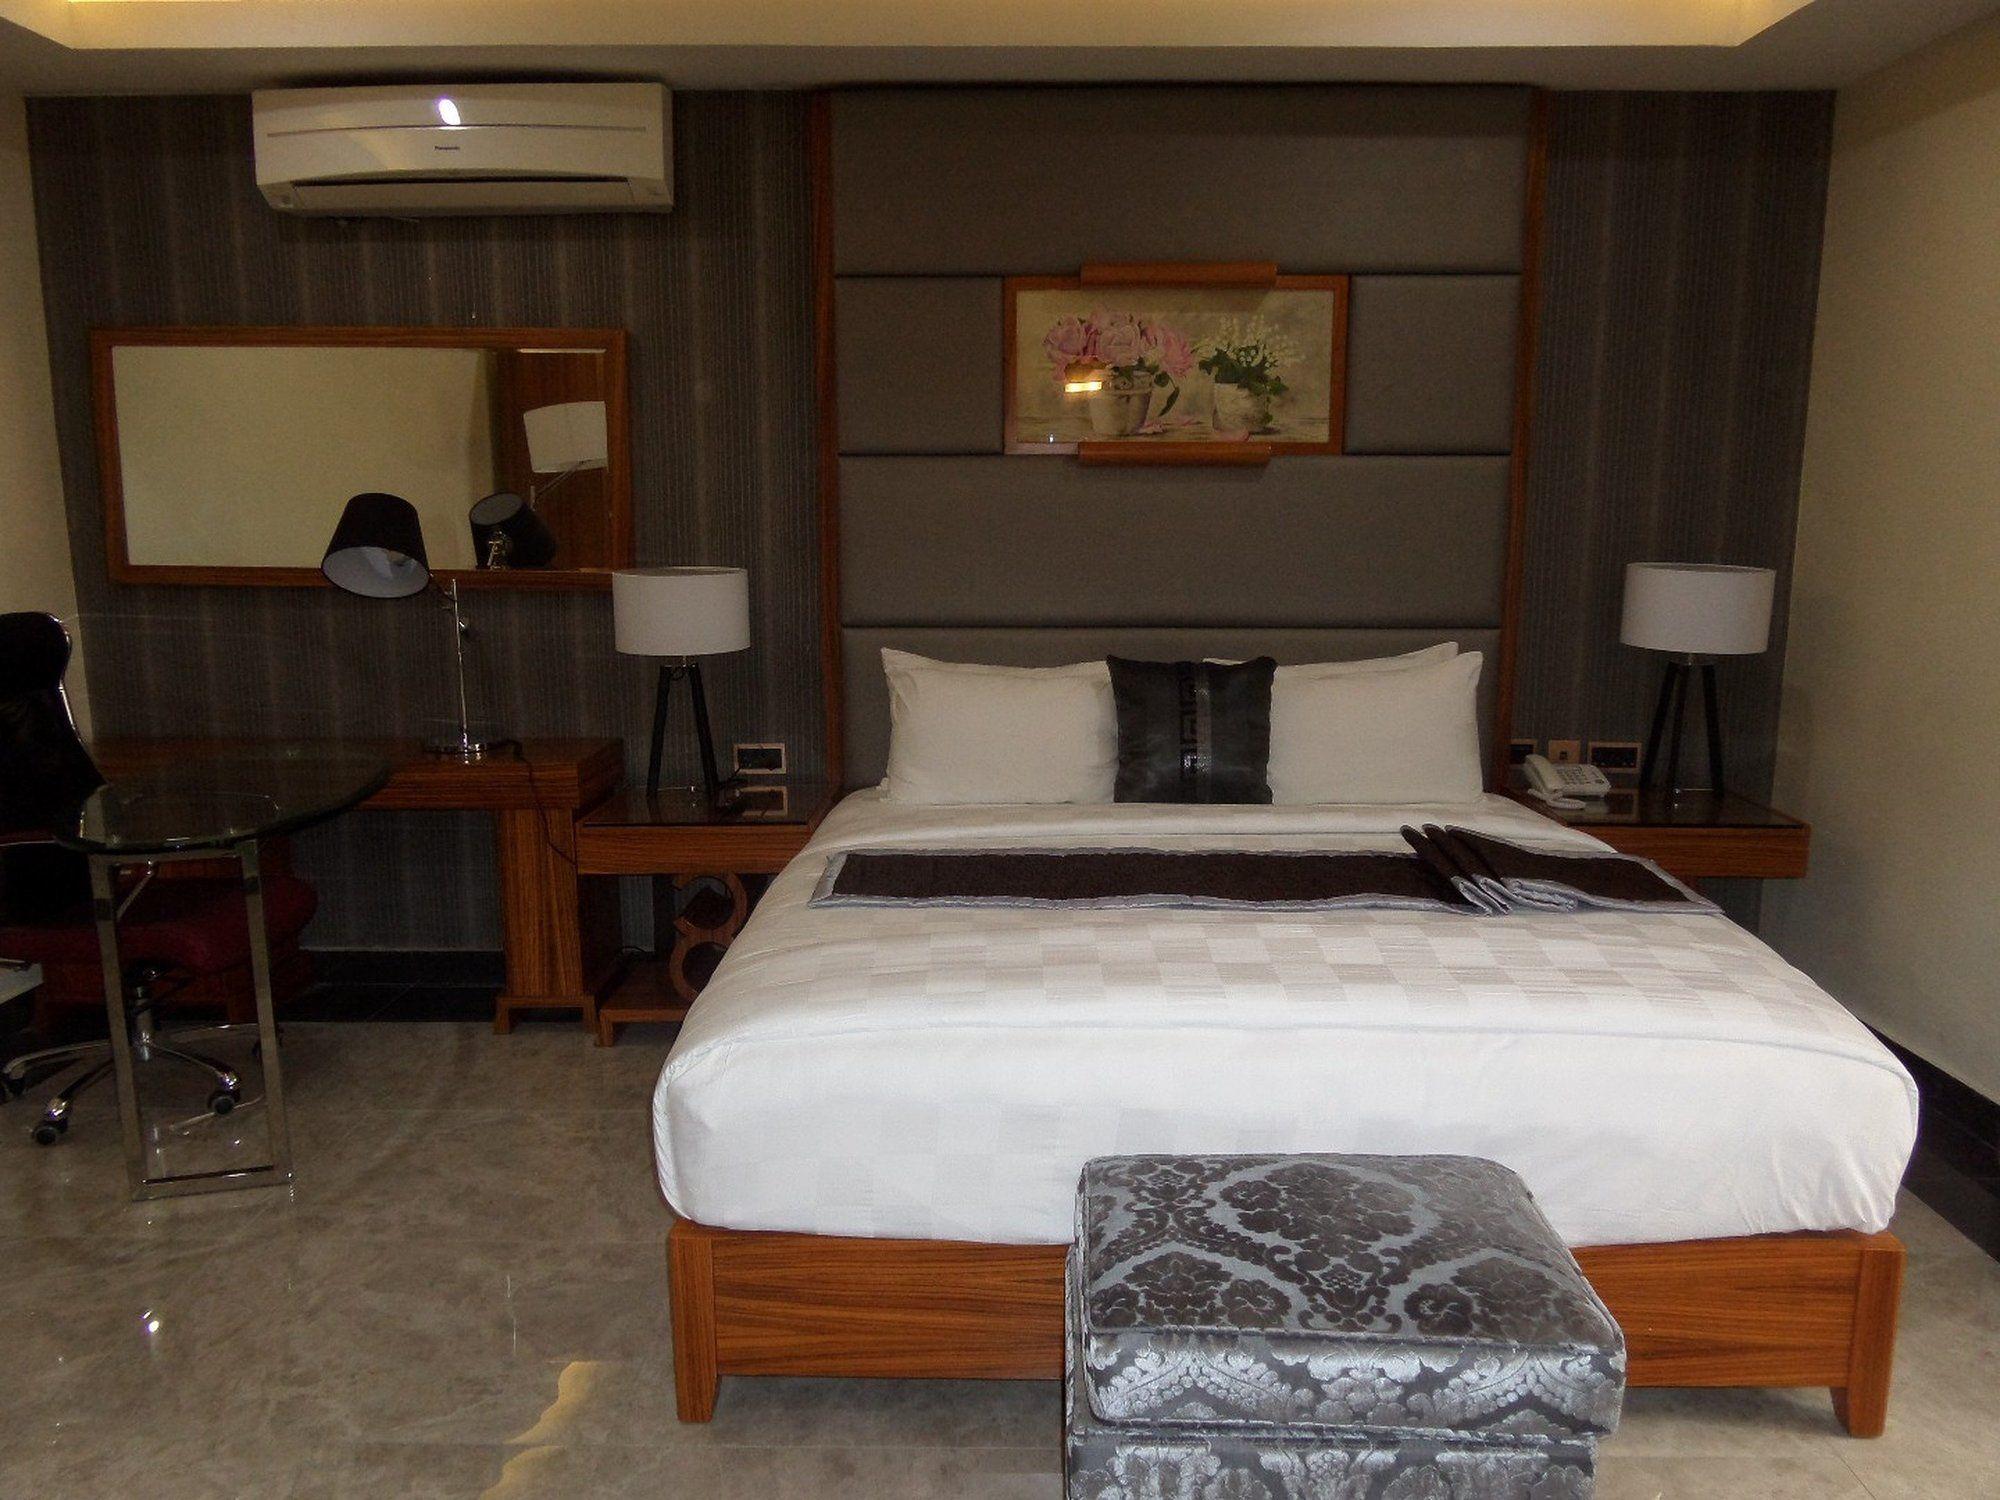 Limeridge Hotels Ikoyi